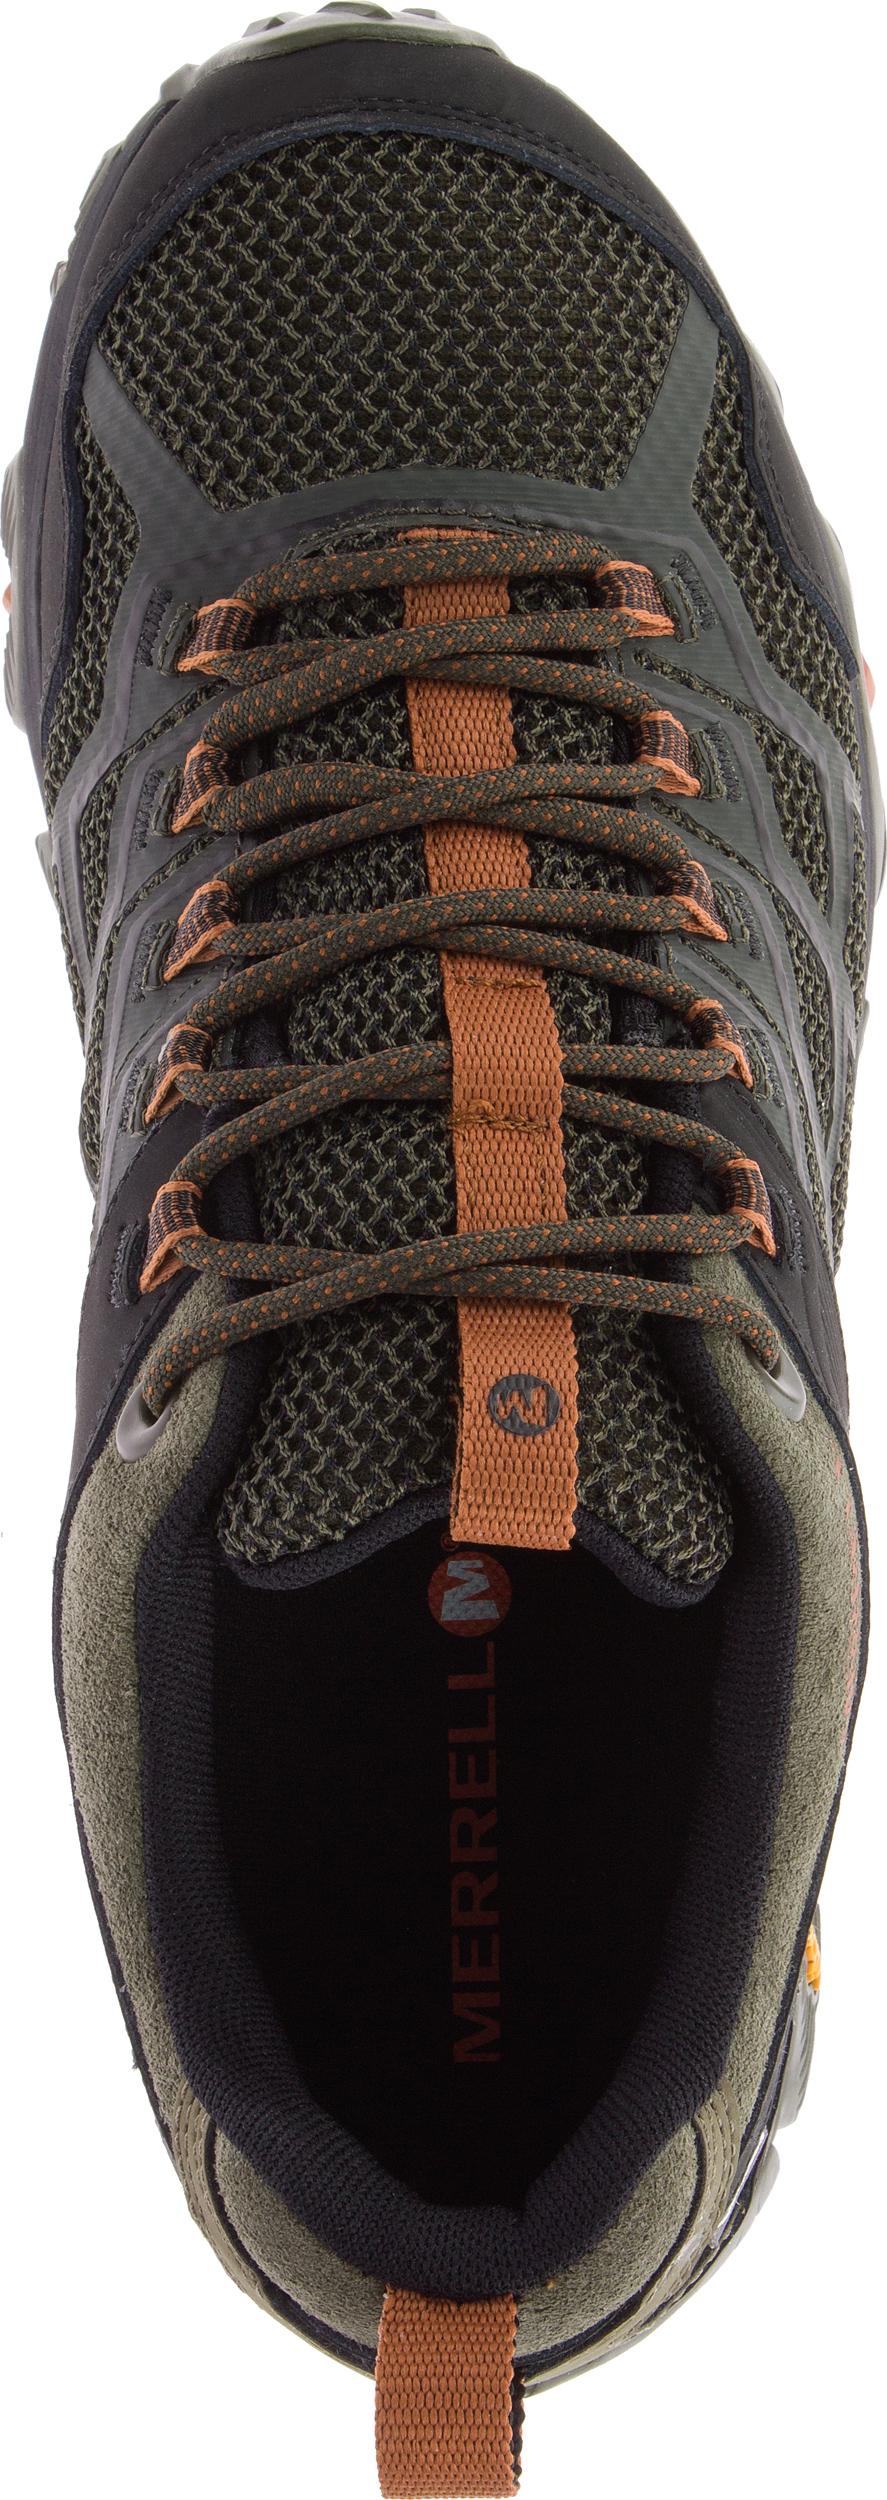 Merrell Fst Randonnée Moab Chaussures HommesMec De Imperméables NPnOk80wX